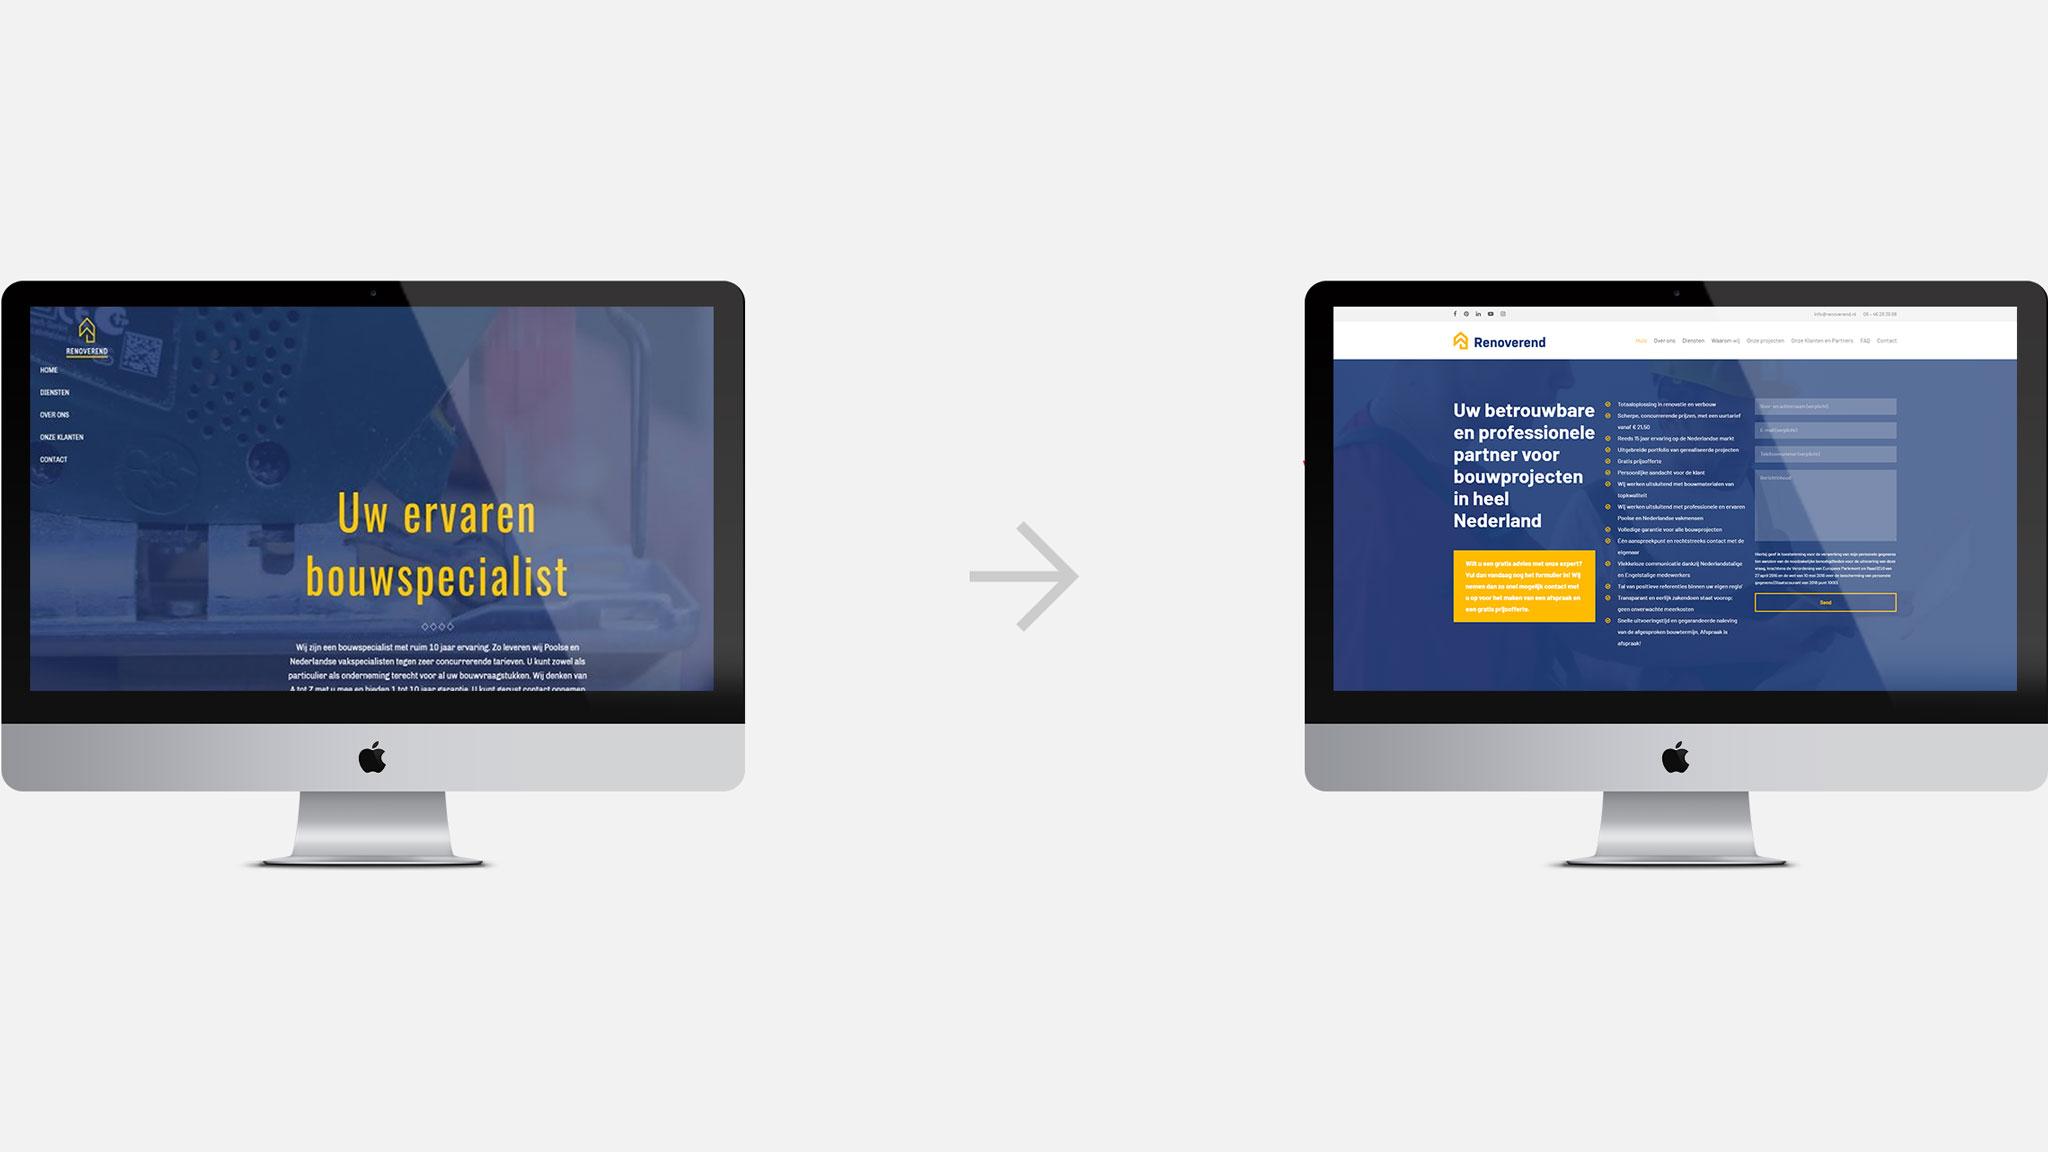 Porównanie dotychczasowej wersji strony internetowej icałkowicie nowej odsłony